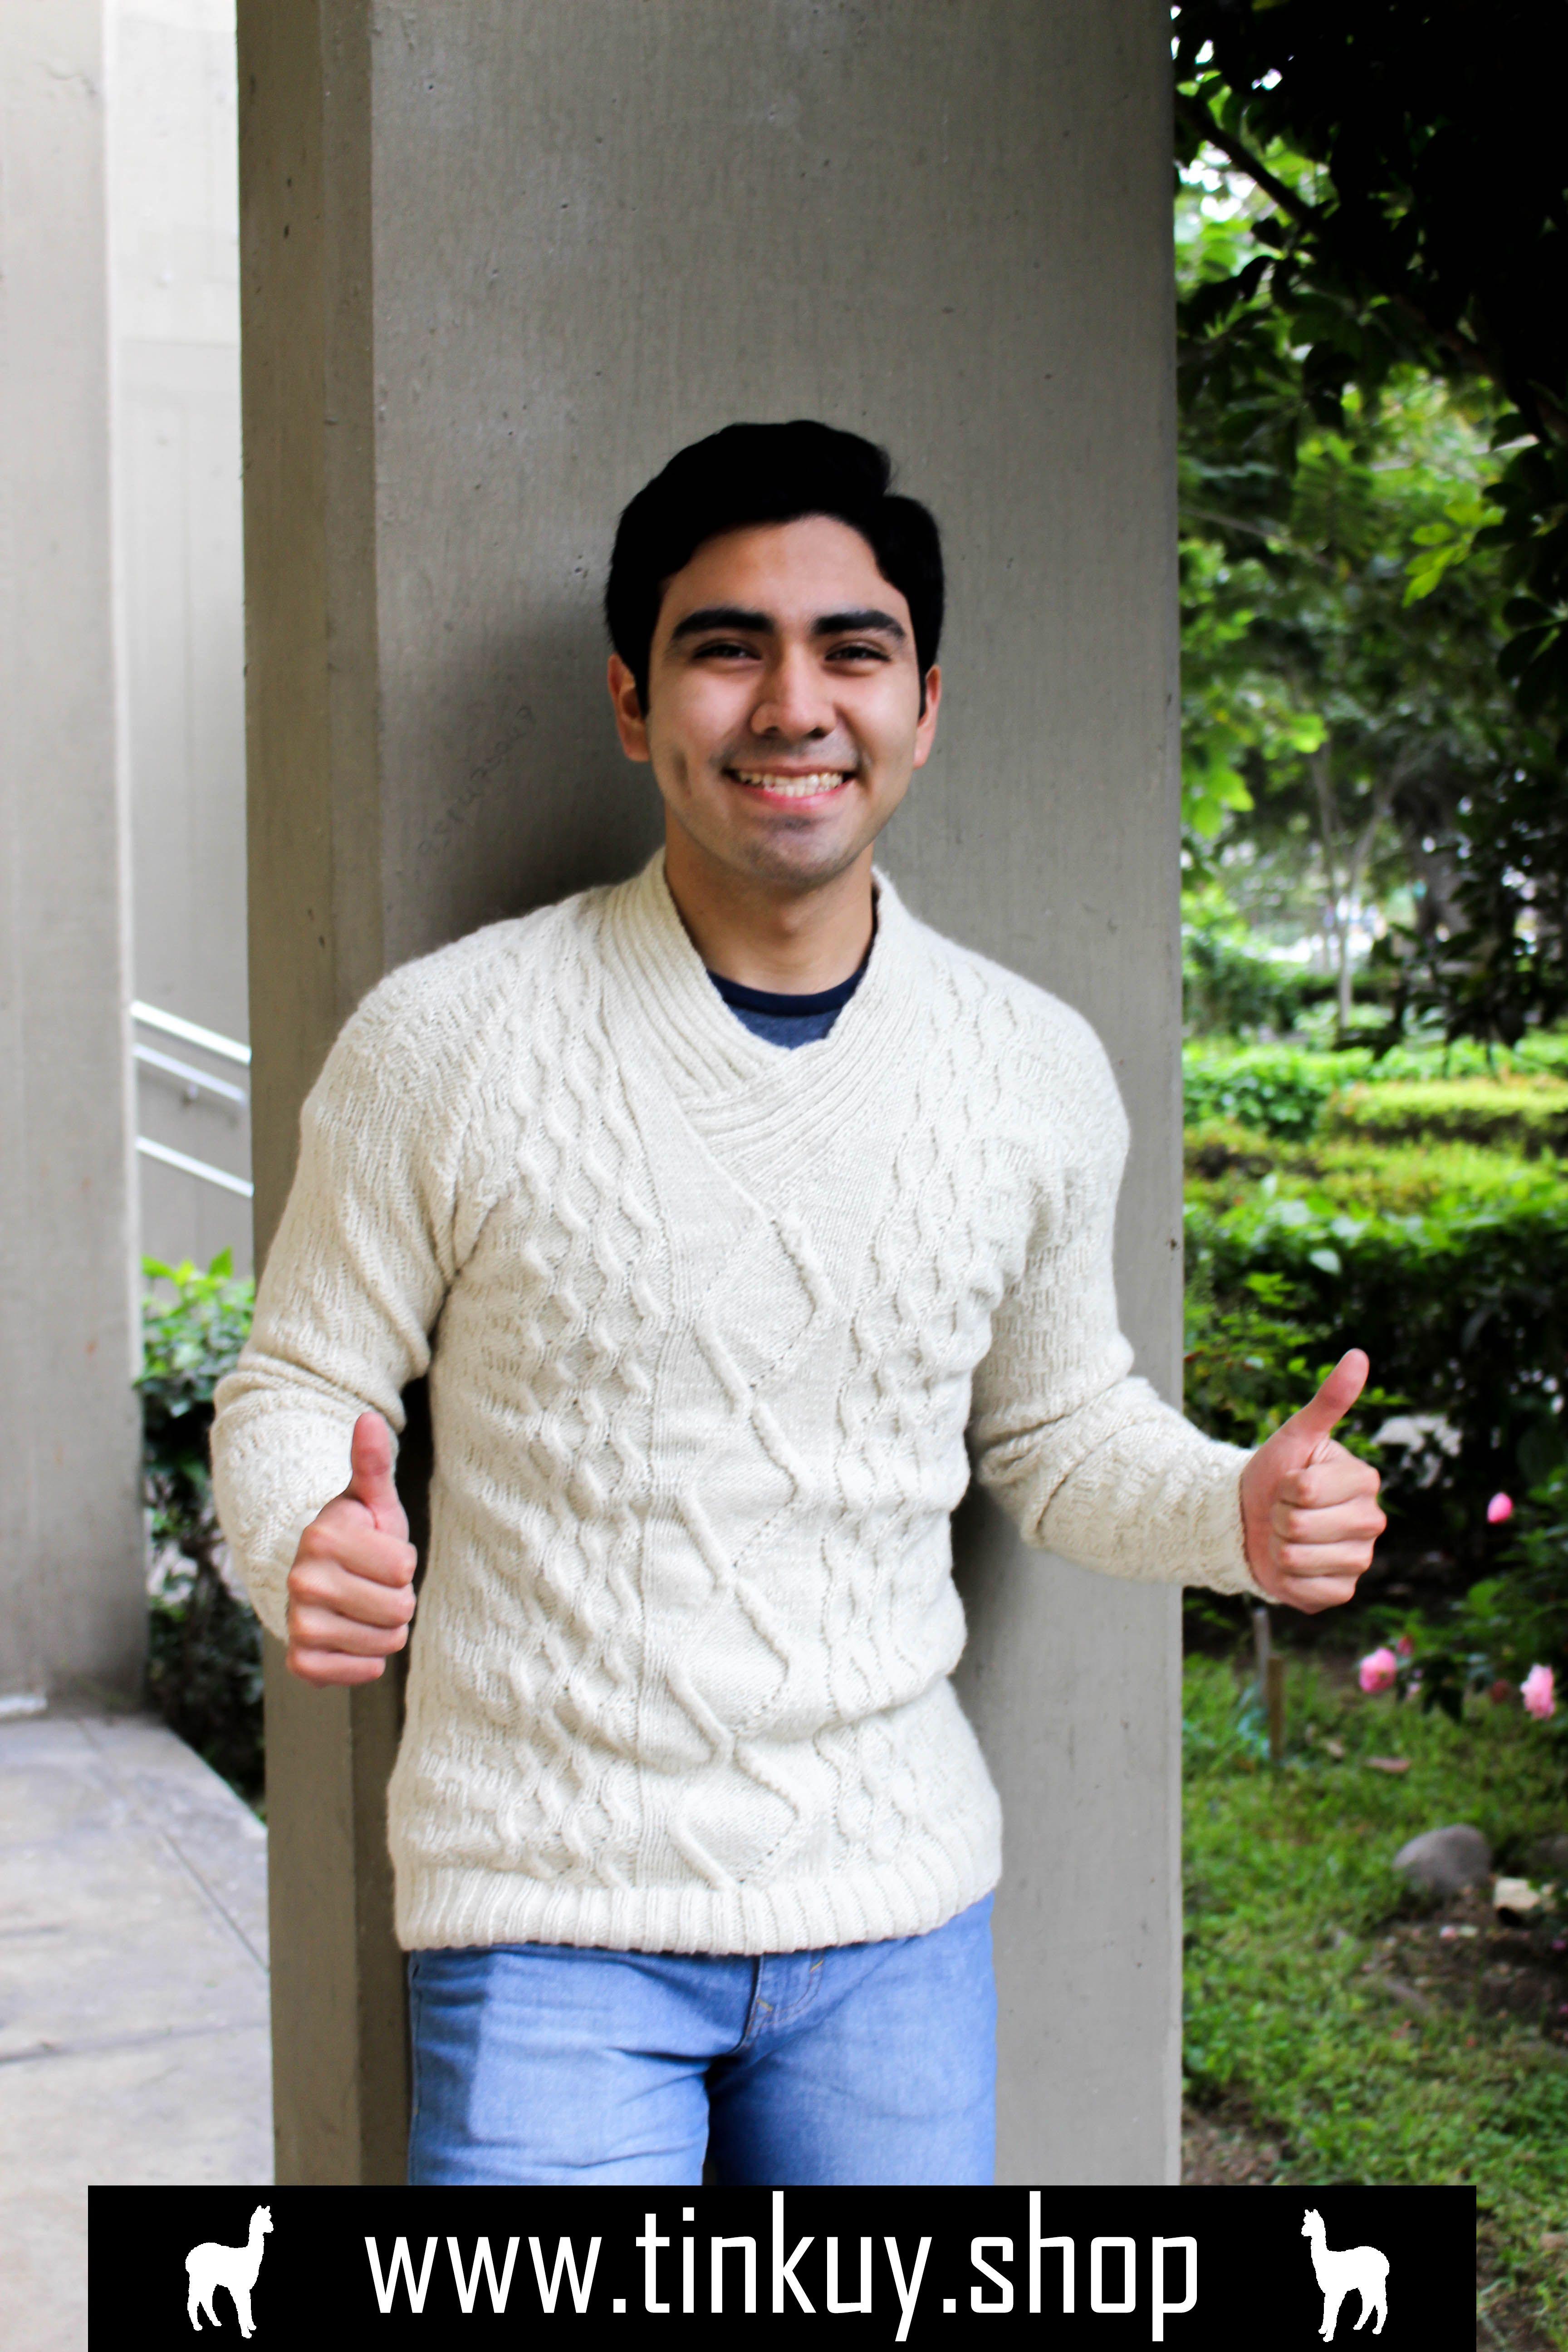 alpaca sweater for men, alpaca fleece sweater, white sweater